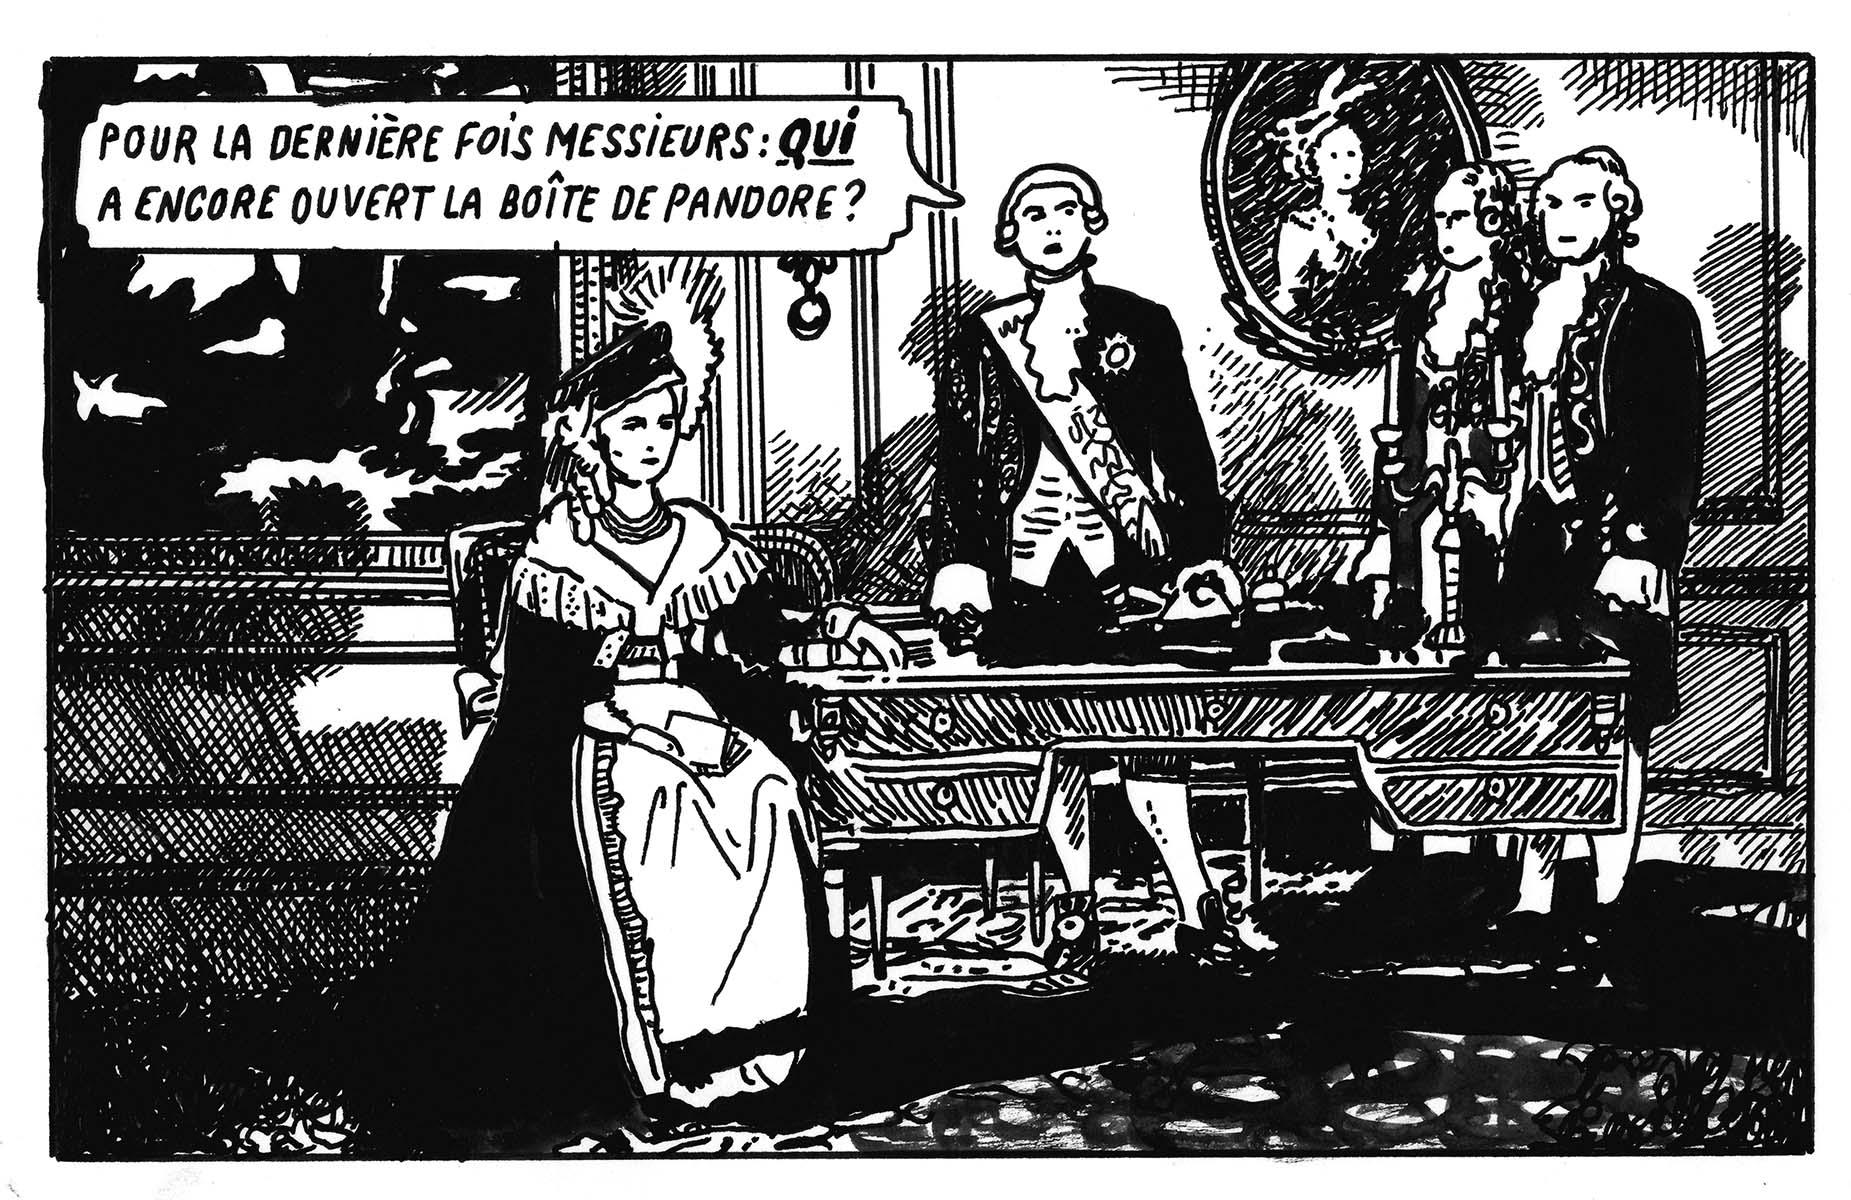 La boite de pandore | GALERIE TREIZE-DIX / LA BOITE DE PANDORE | STÉPHANE TRAPIER